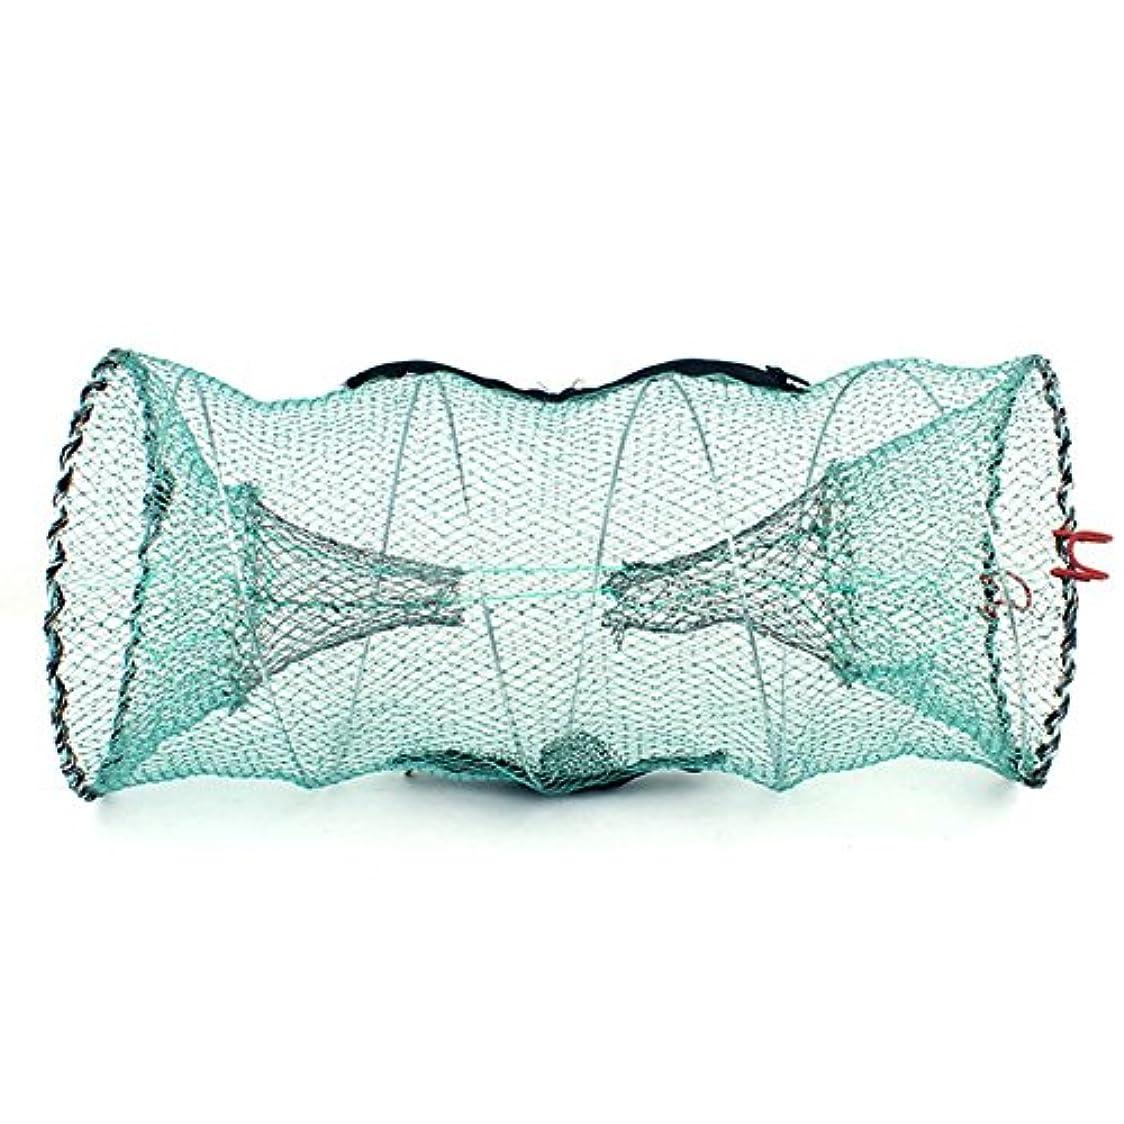 教育するジュースまたはどちらかClassicbuy 魚捕り 魚キラー 折り畳み式 魚網 釣り網 軽量 コンパクト収納 かご ウナギ アナゴ タコ エビ カニ 小魚 などを一網打尽 仕掛け アウトドア 釣りネット